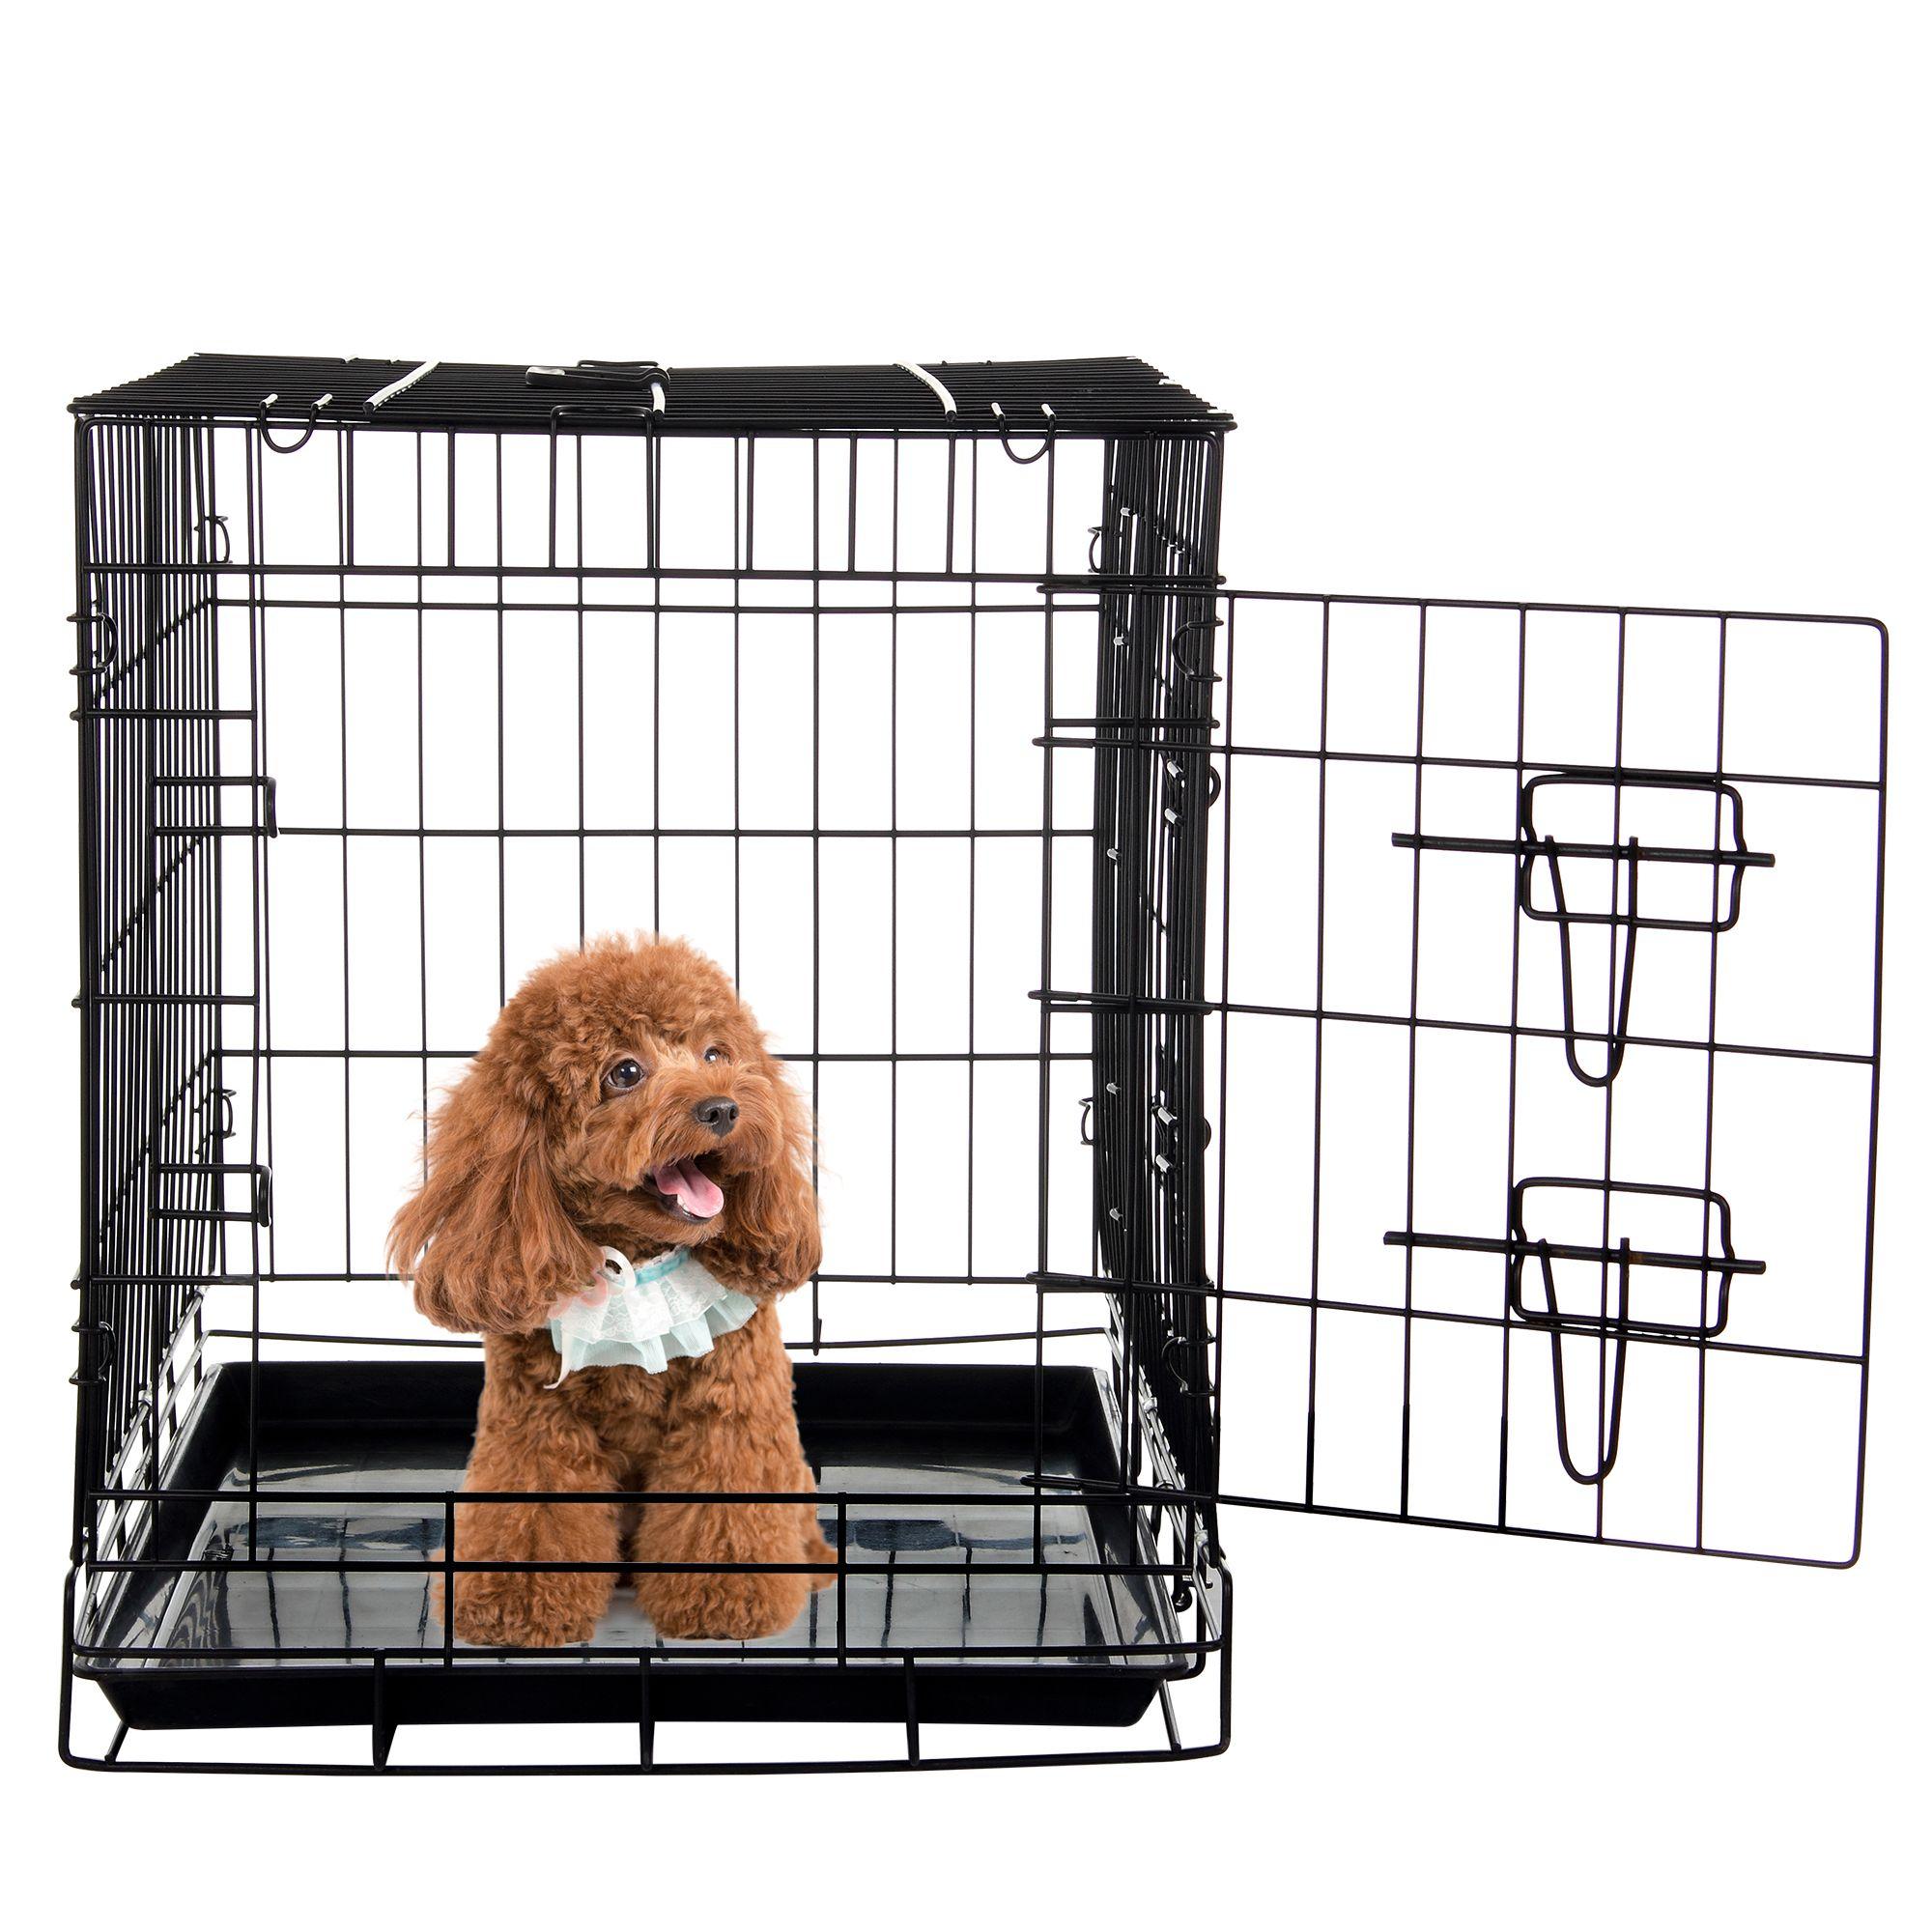 hundek fig hundebox transportbox faltbar drahtk fig s xxl. Black Bedroom Furniture Sets. Home Design Ideas